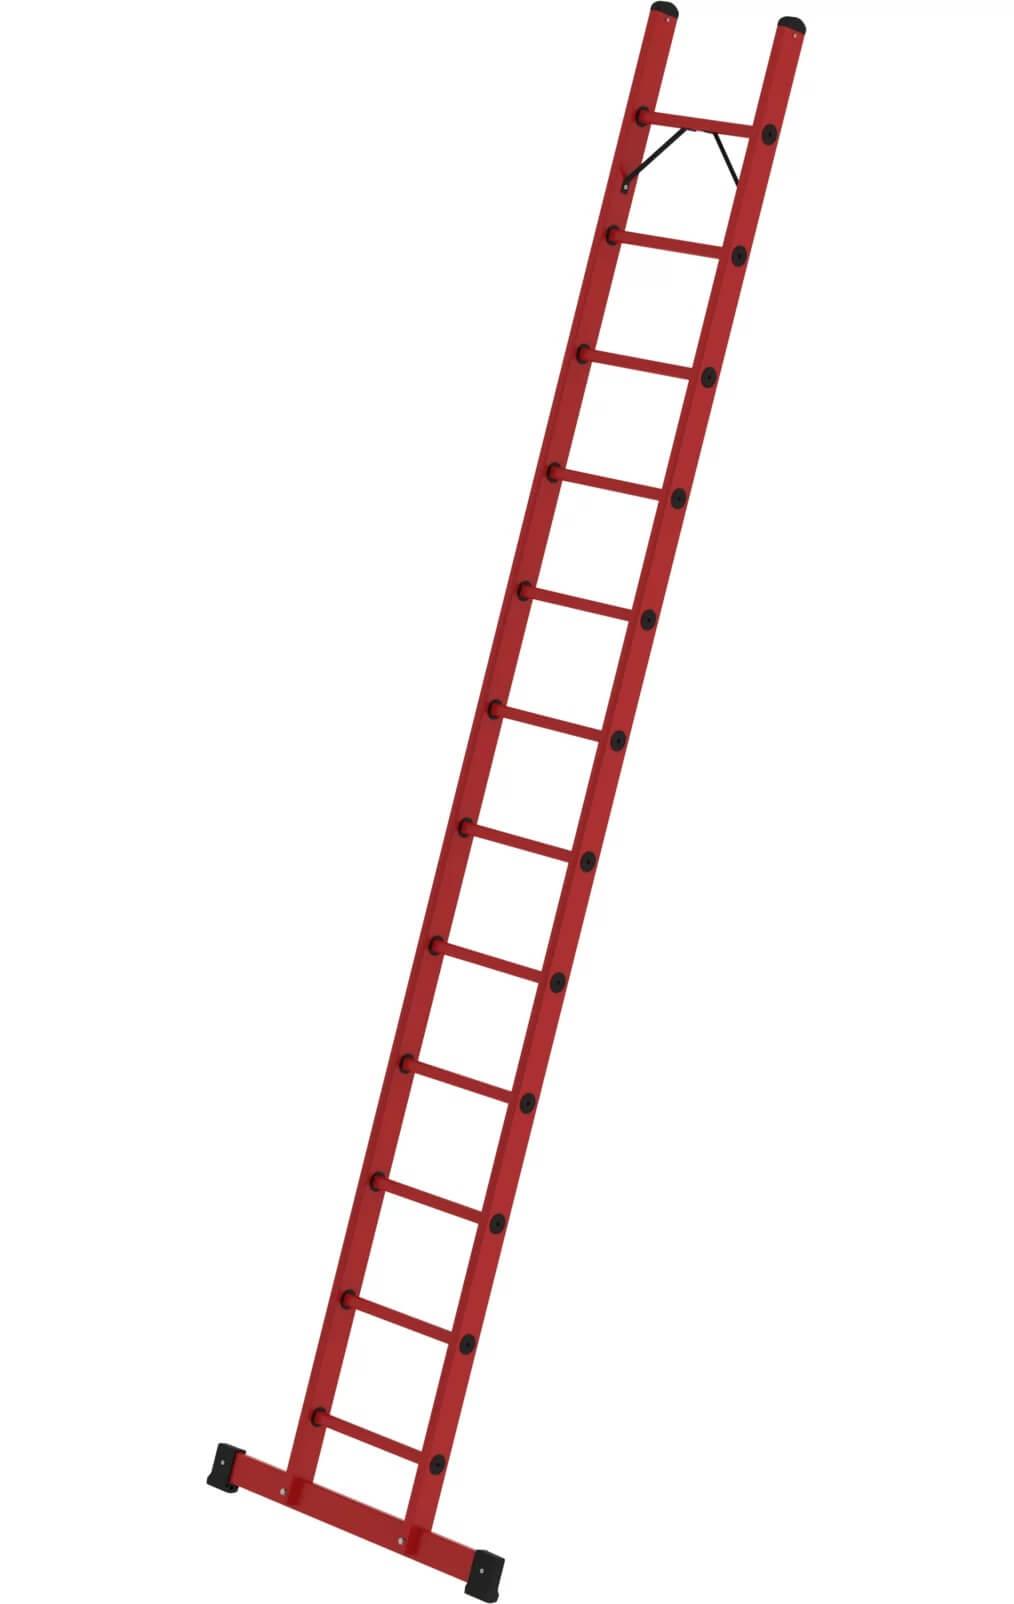 Volkunststof enkele ladder, met stabilisatiebalk, 1x12, 36812